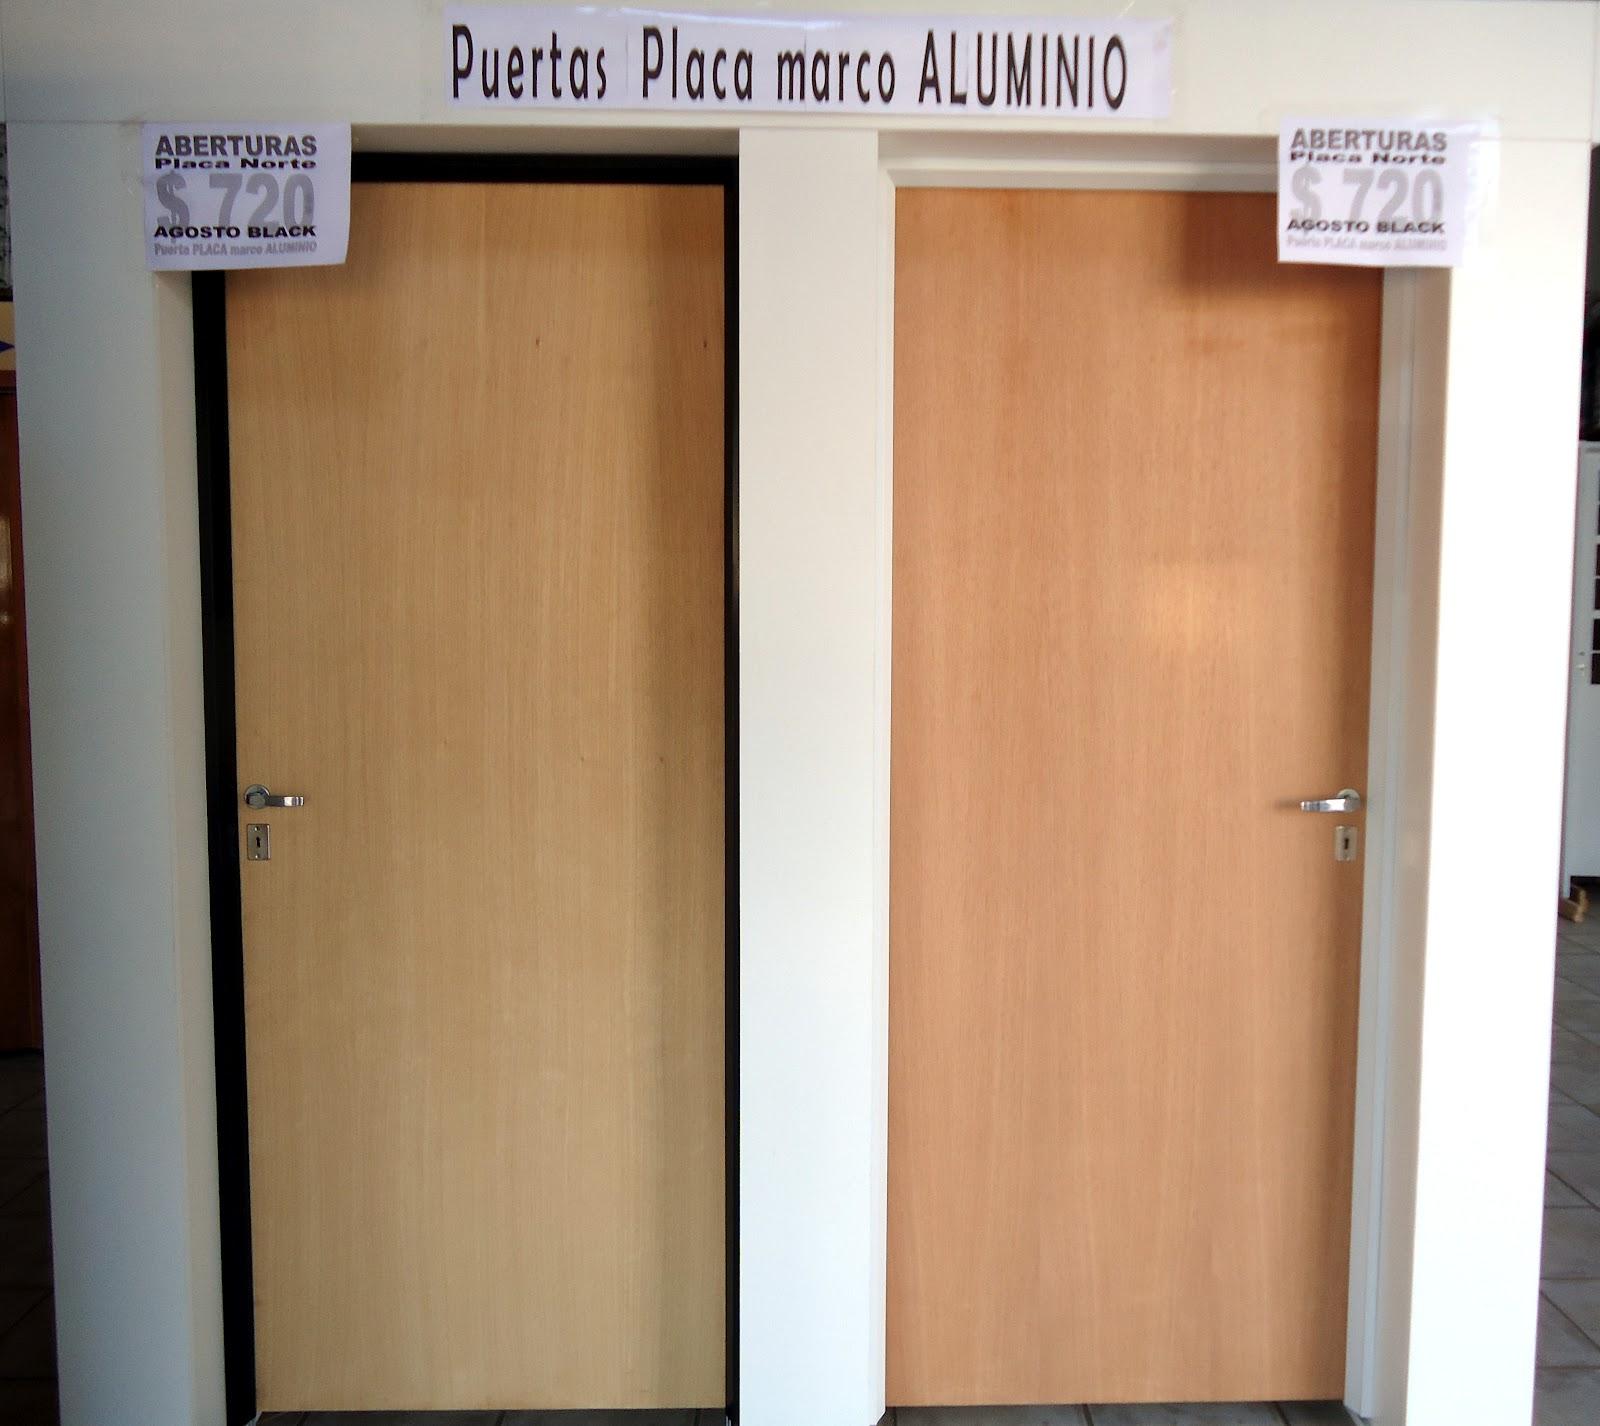 Puertas Placa Marco ALUMINIO | ABERTURAS PLACA NORTE